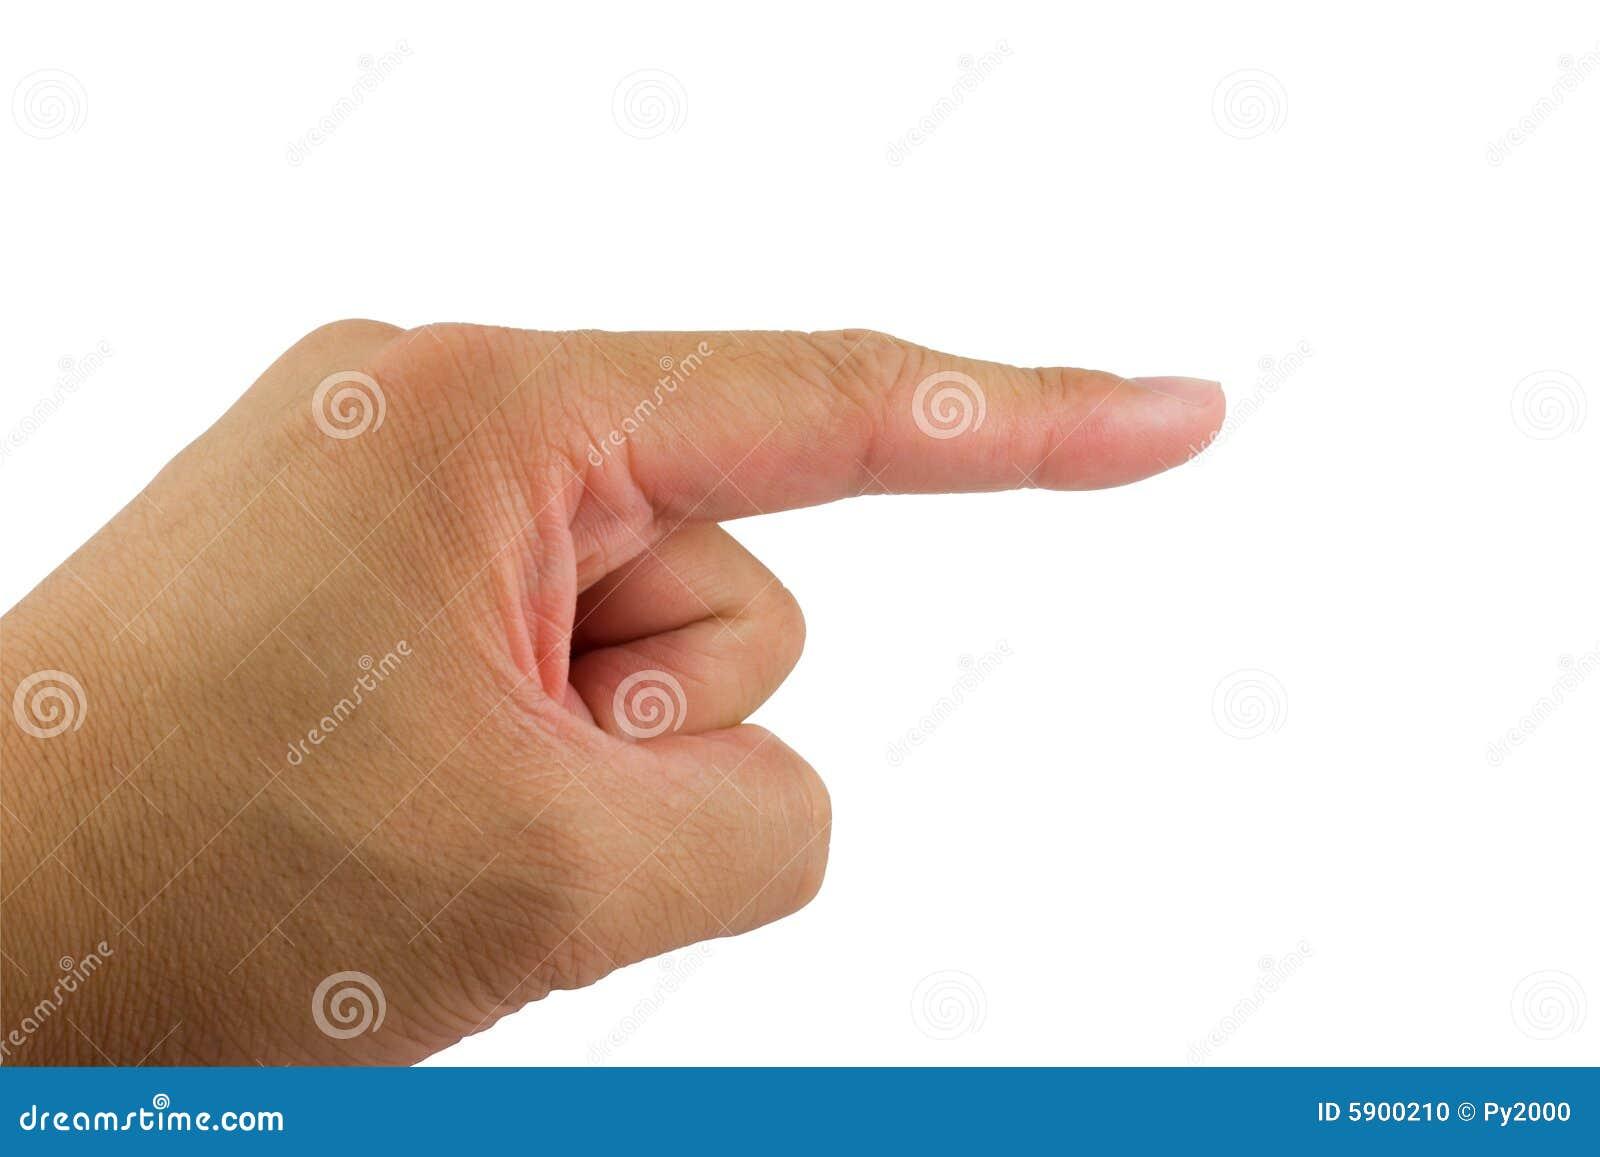 Я хочу засунуть палец в письку, Засунул в писю залупу и кончил внутрь подружки 25 фотография